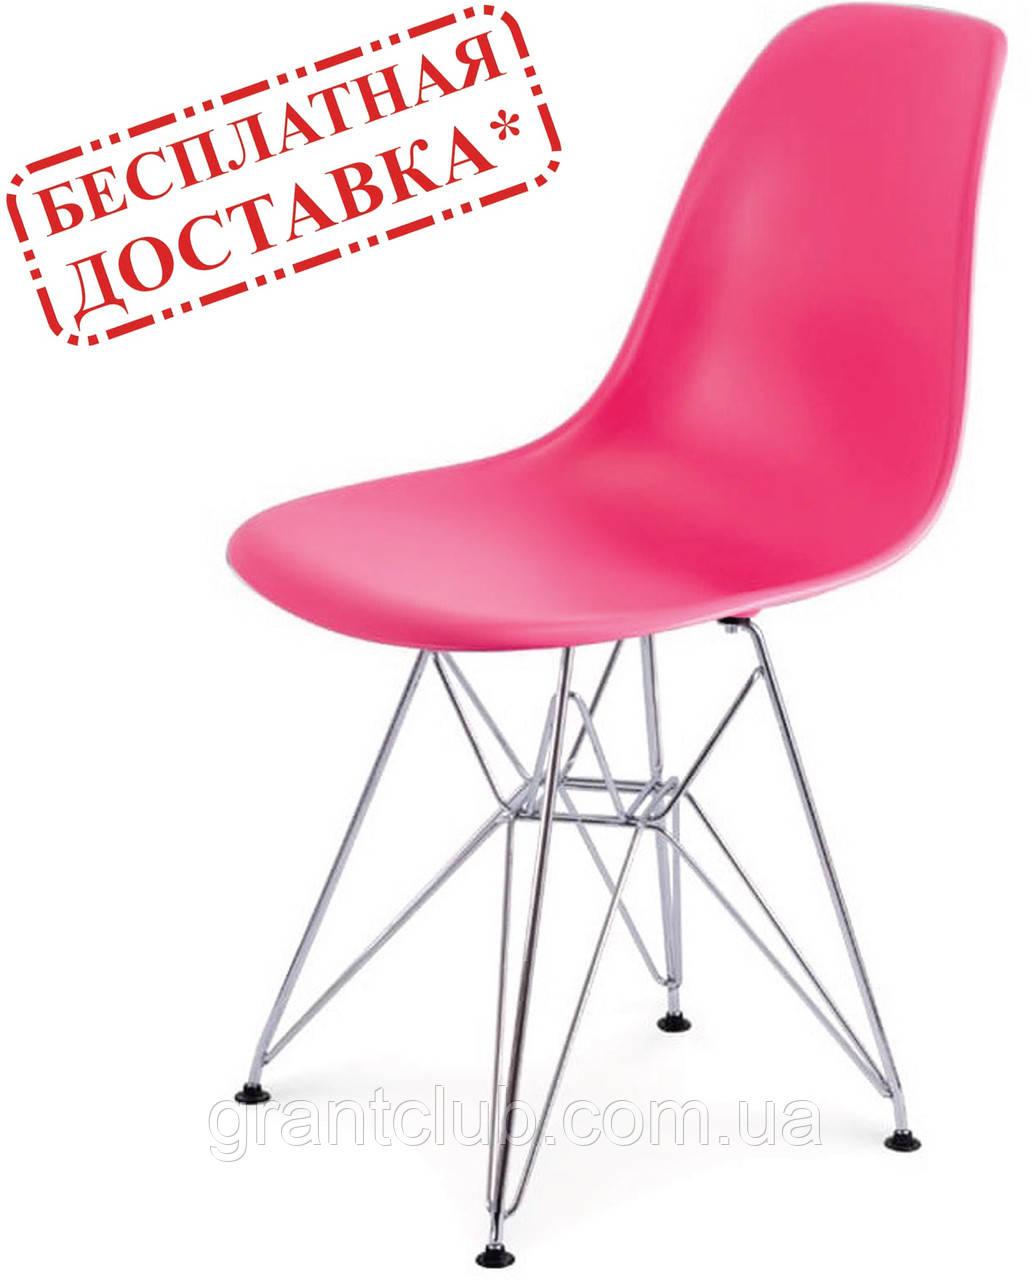 Стілець Тауер рожевий пластик ніжки хром СДМ група (безкоштовна доставка)